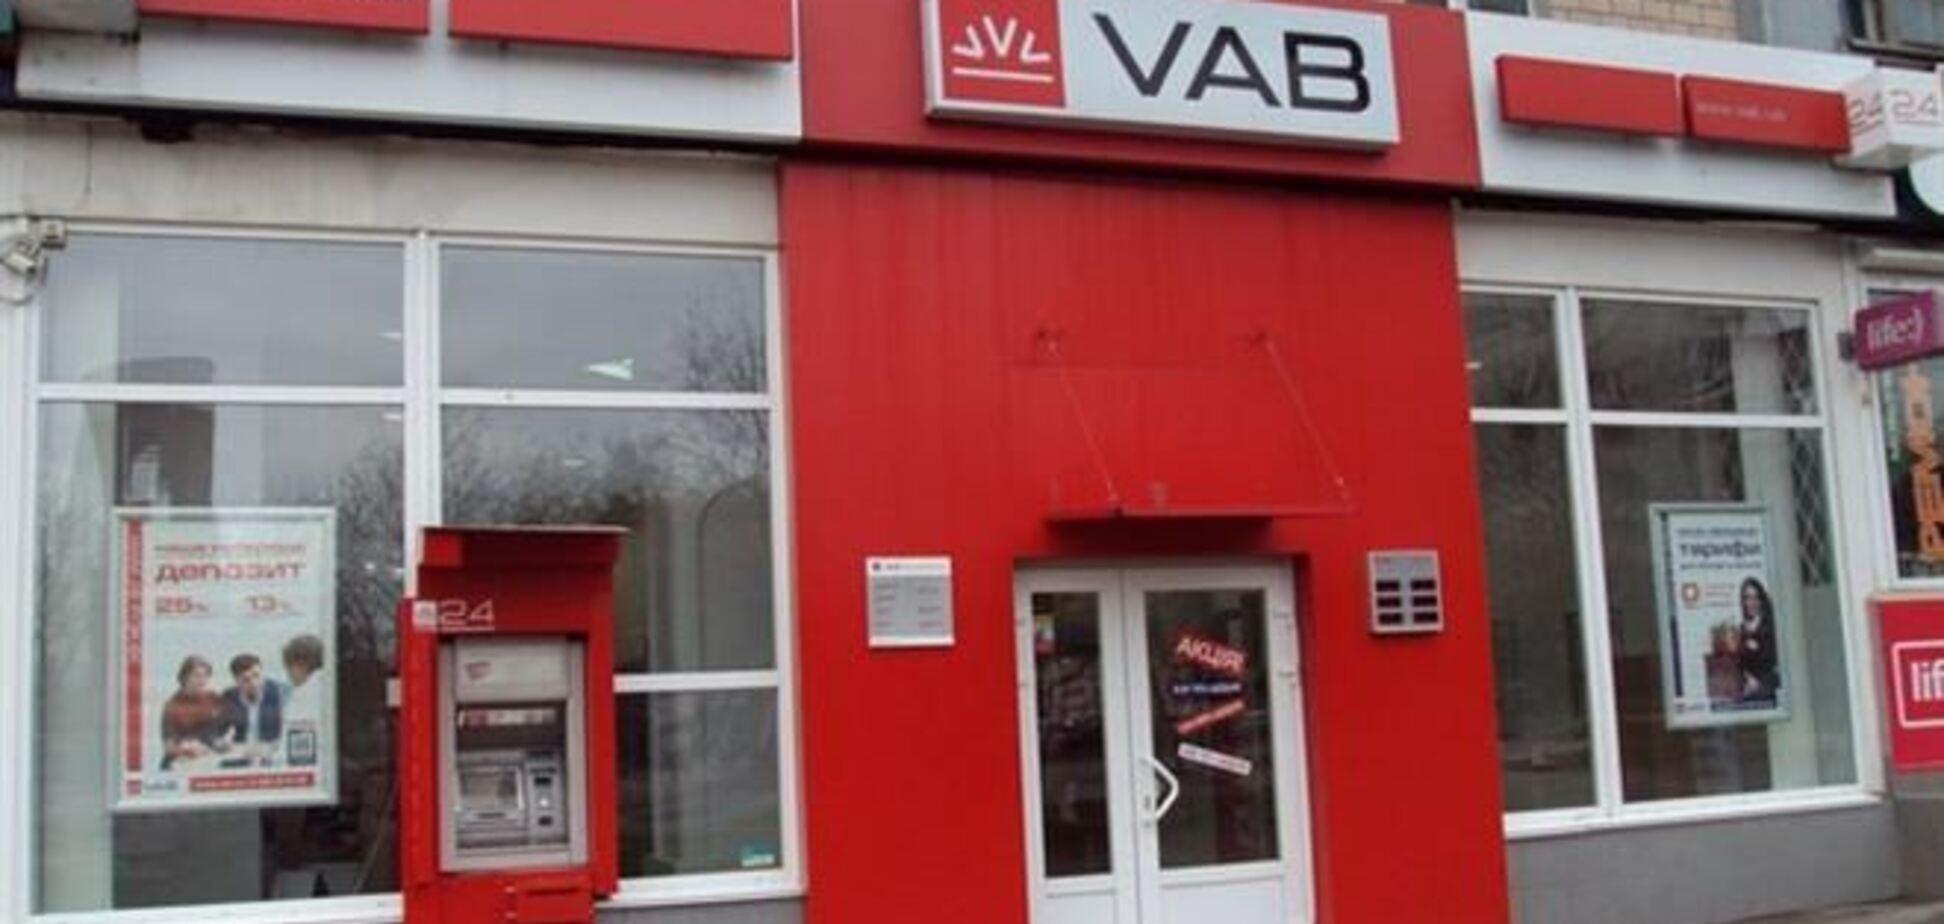 VAB Банк намерен в 2014 г увеличить активы на 40-50%